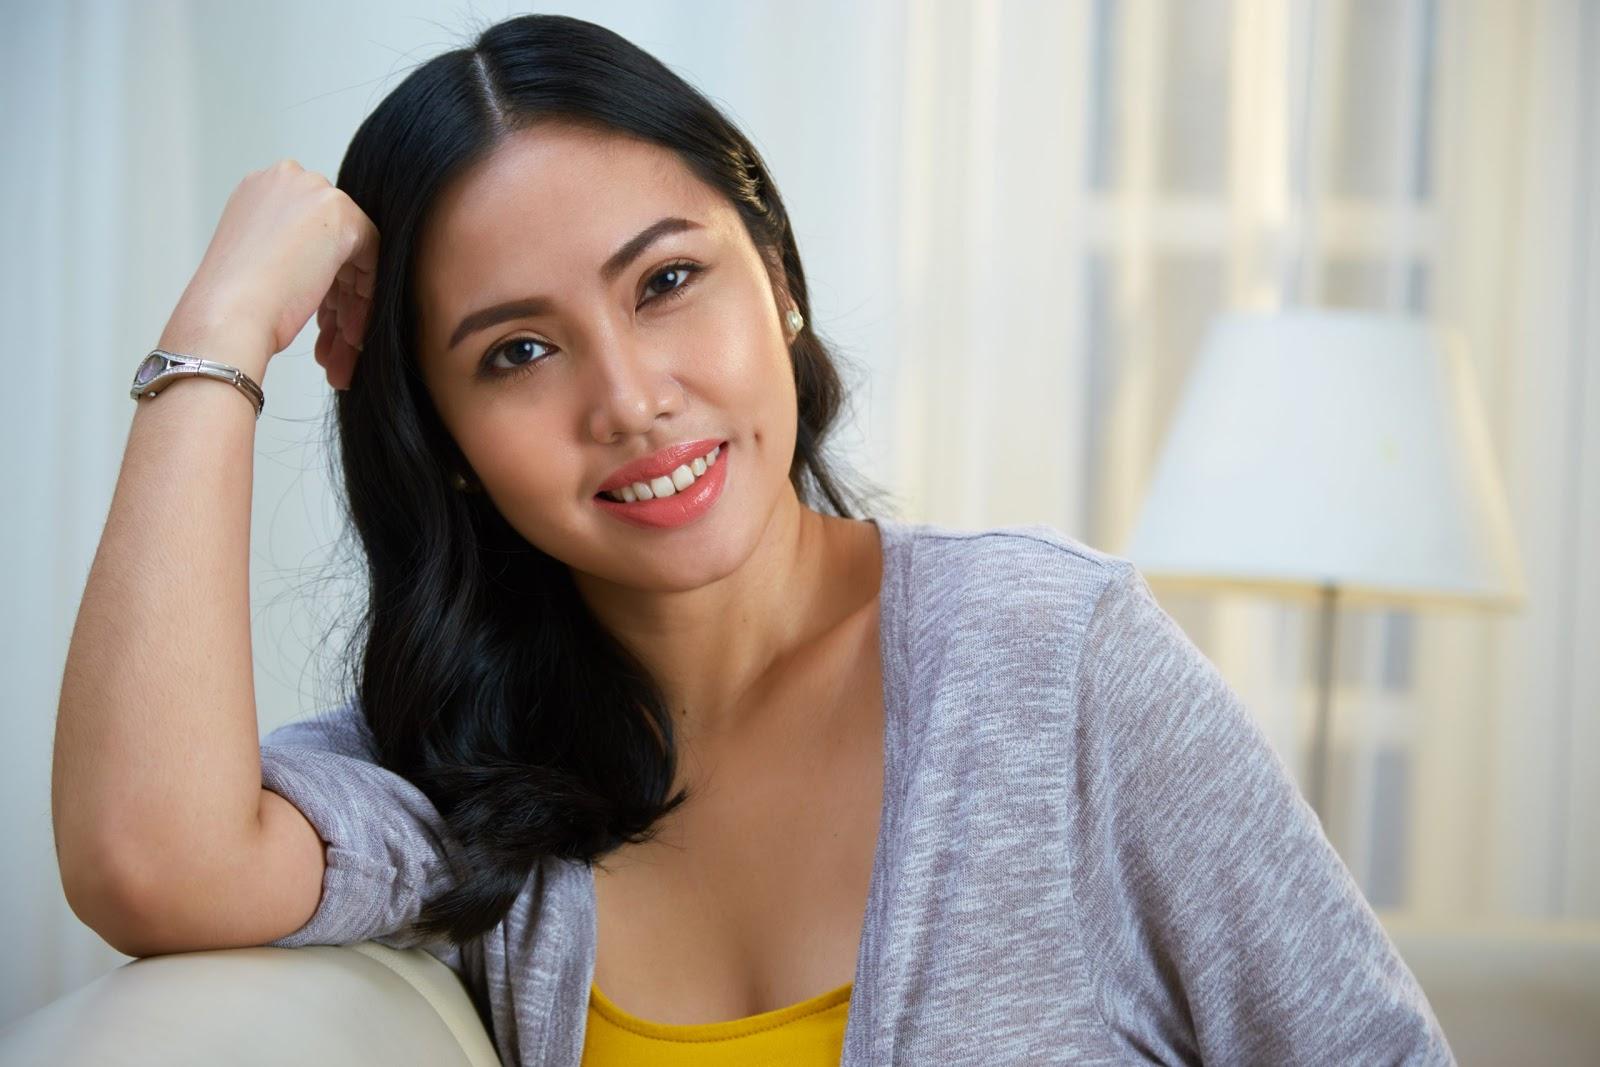 charming filipino woman